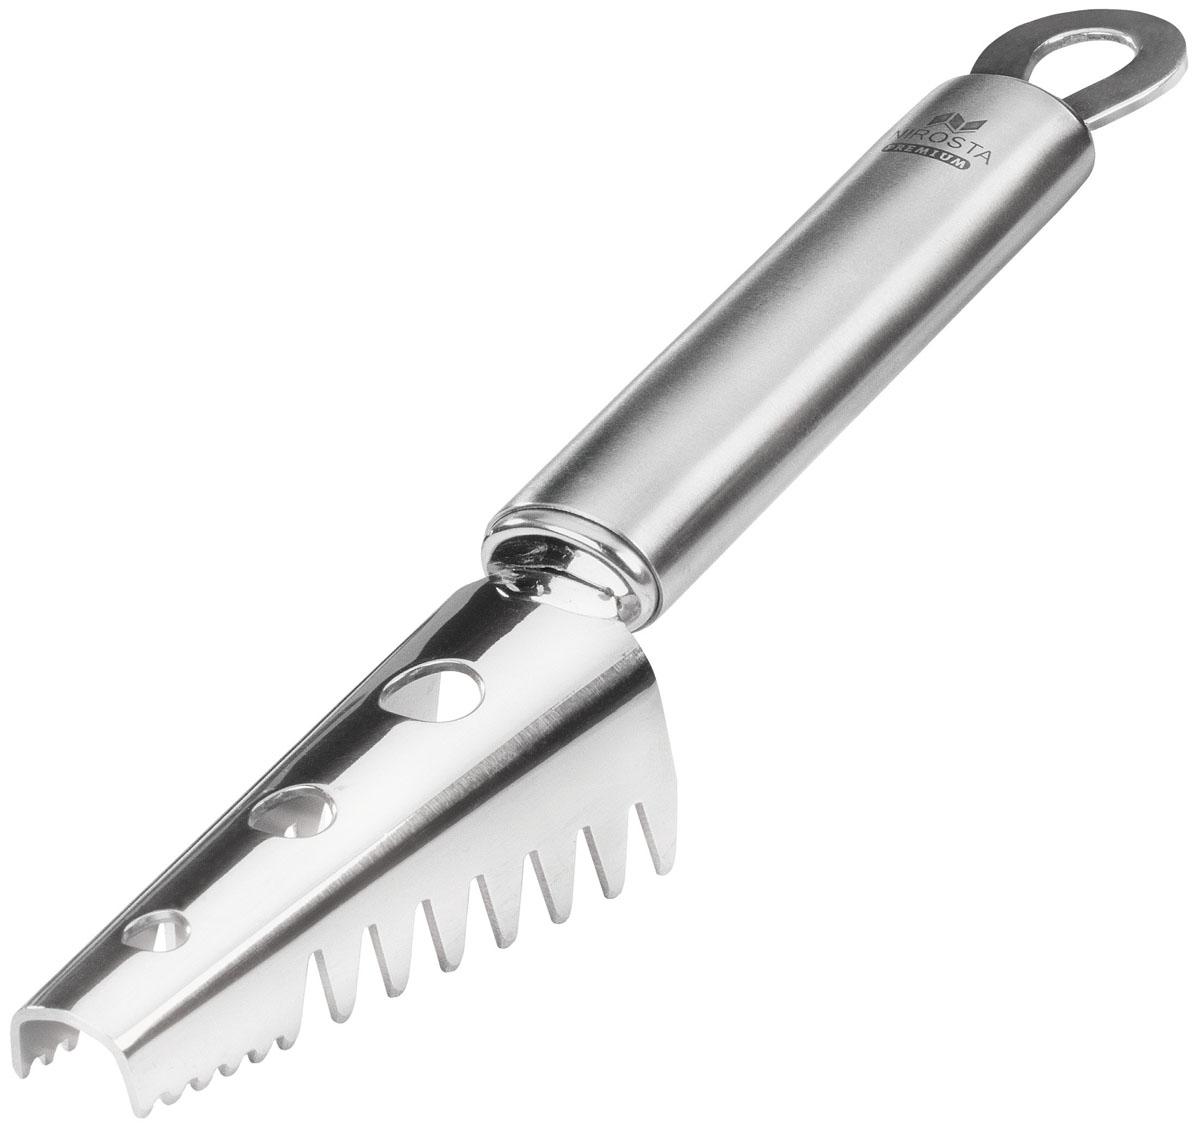 Нож для чистки рыбы Fackelmann Nirosta, длина 20 см37004321Нож для чистки рыбы Fackelmann Nirosta изготовлен из нержавеющей стали 18/10. Изделие оснащено специальными зубчиками, эффективно очищающими рыбу. Очистки не накапливаются внутри, а выходят через специальные отверстия. Удобная рукоятка обеспечивает комфорт при использовании. На рукоятке также имеется отверстие, за которое нож можно повесить в удобное для вас место. Можно мыть в посудомоечной машине. Характеристики: Материал: нержавеющая сталь. Цвет: серебристый. Длина ножа: 20 см. Размер рабочей поверхности: 3,5 см х 7,5 см.